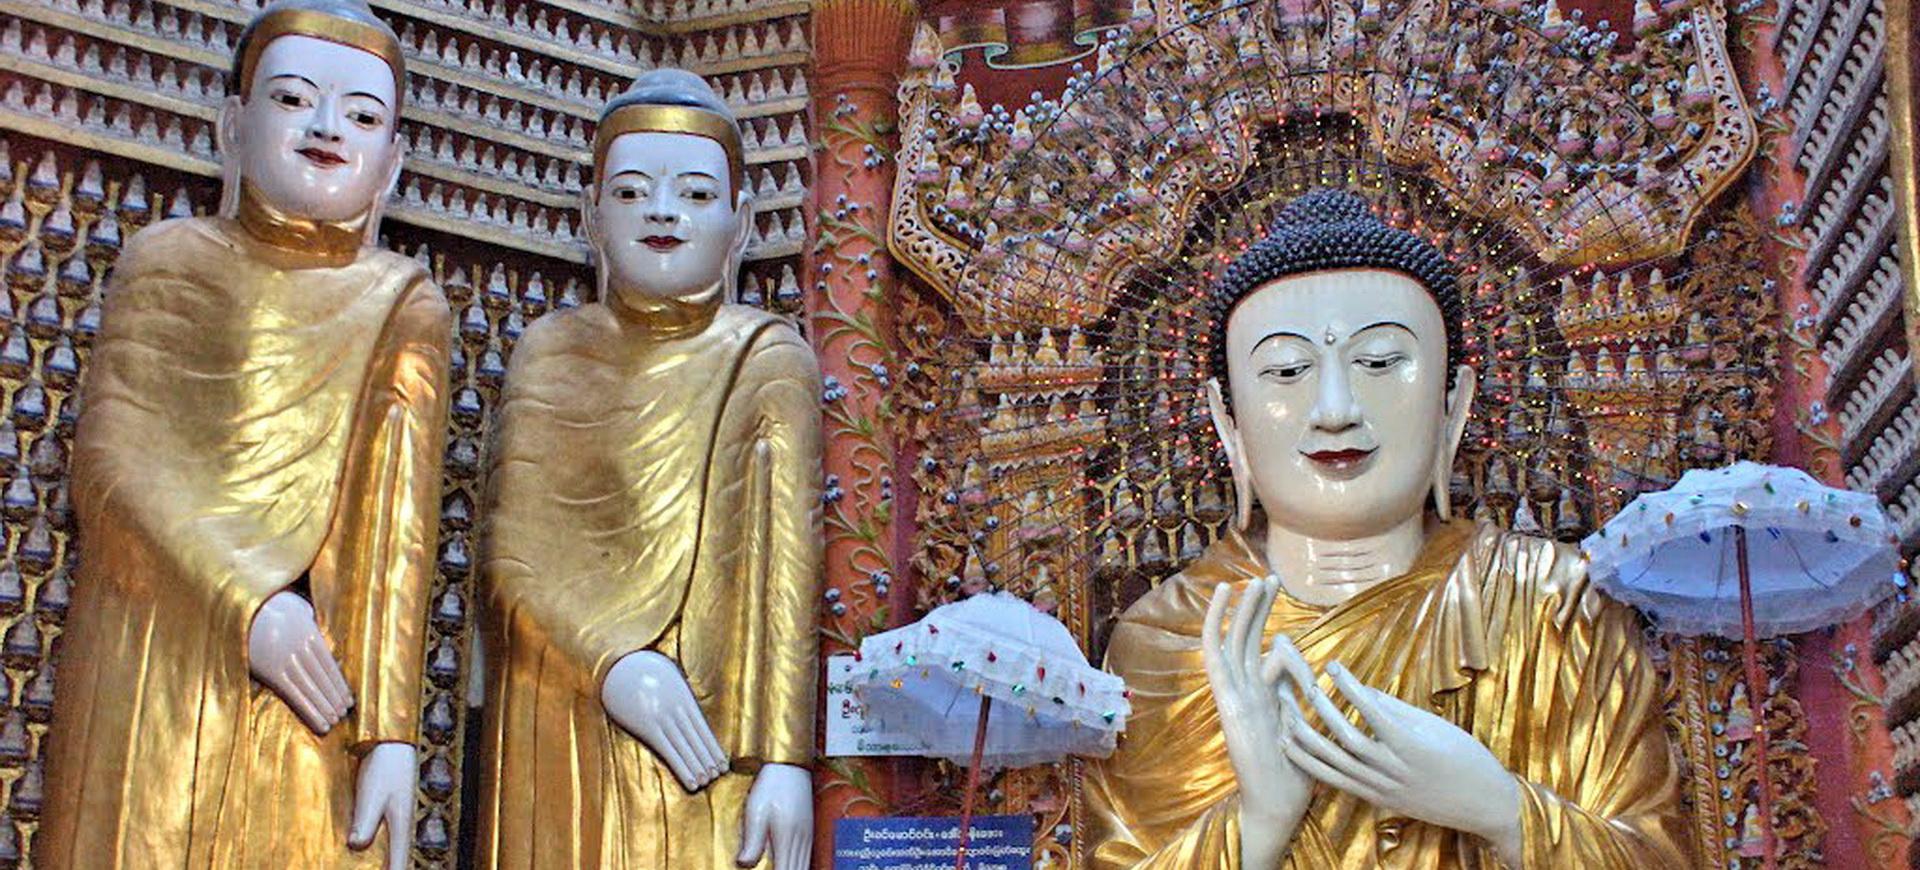 Formalités visa de tourisme pour Groupe pour la Birmanie